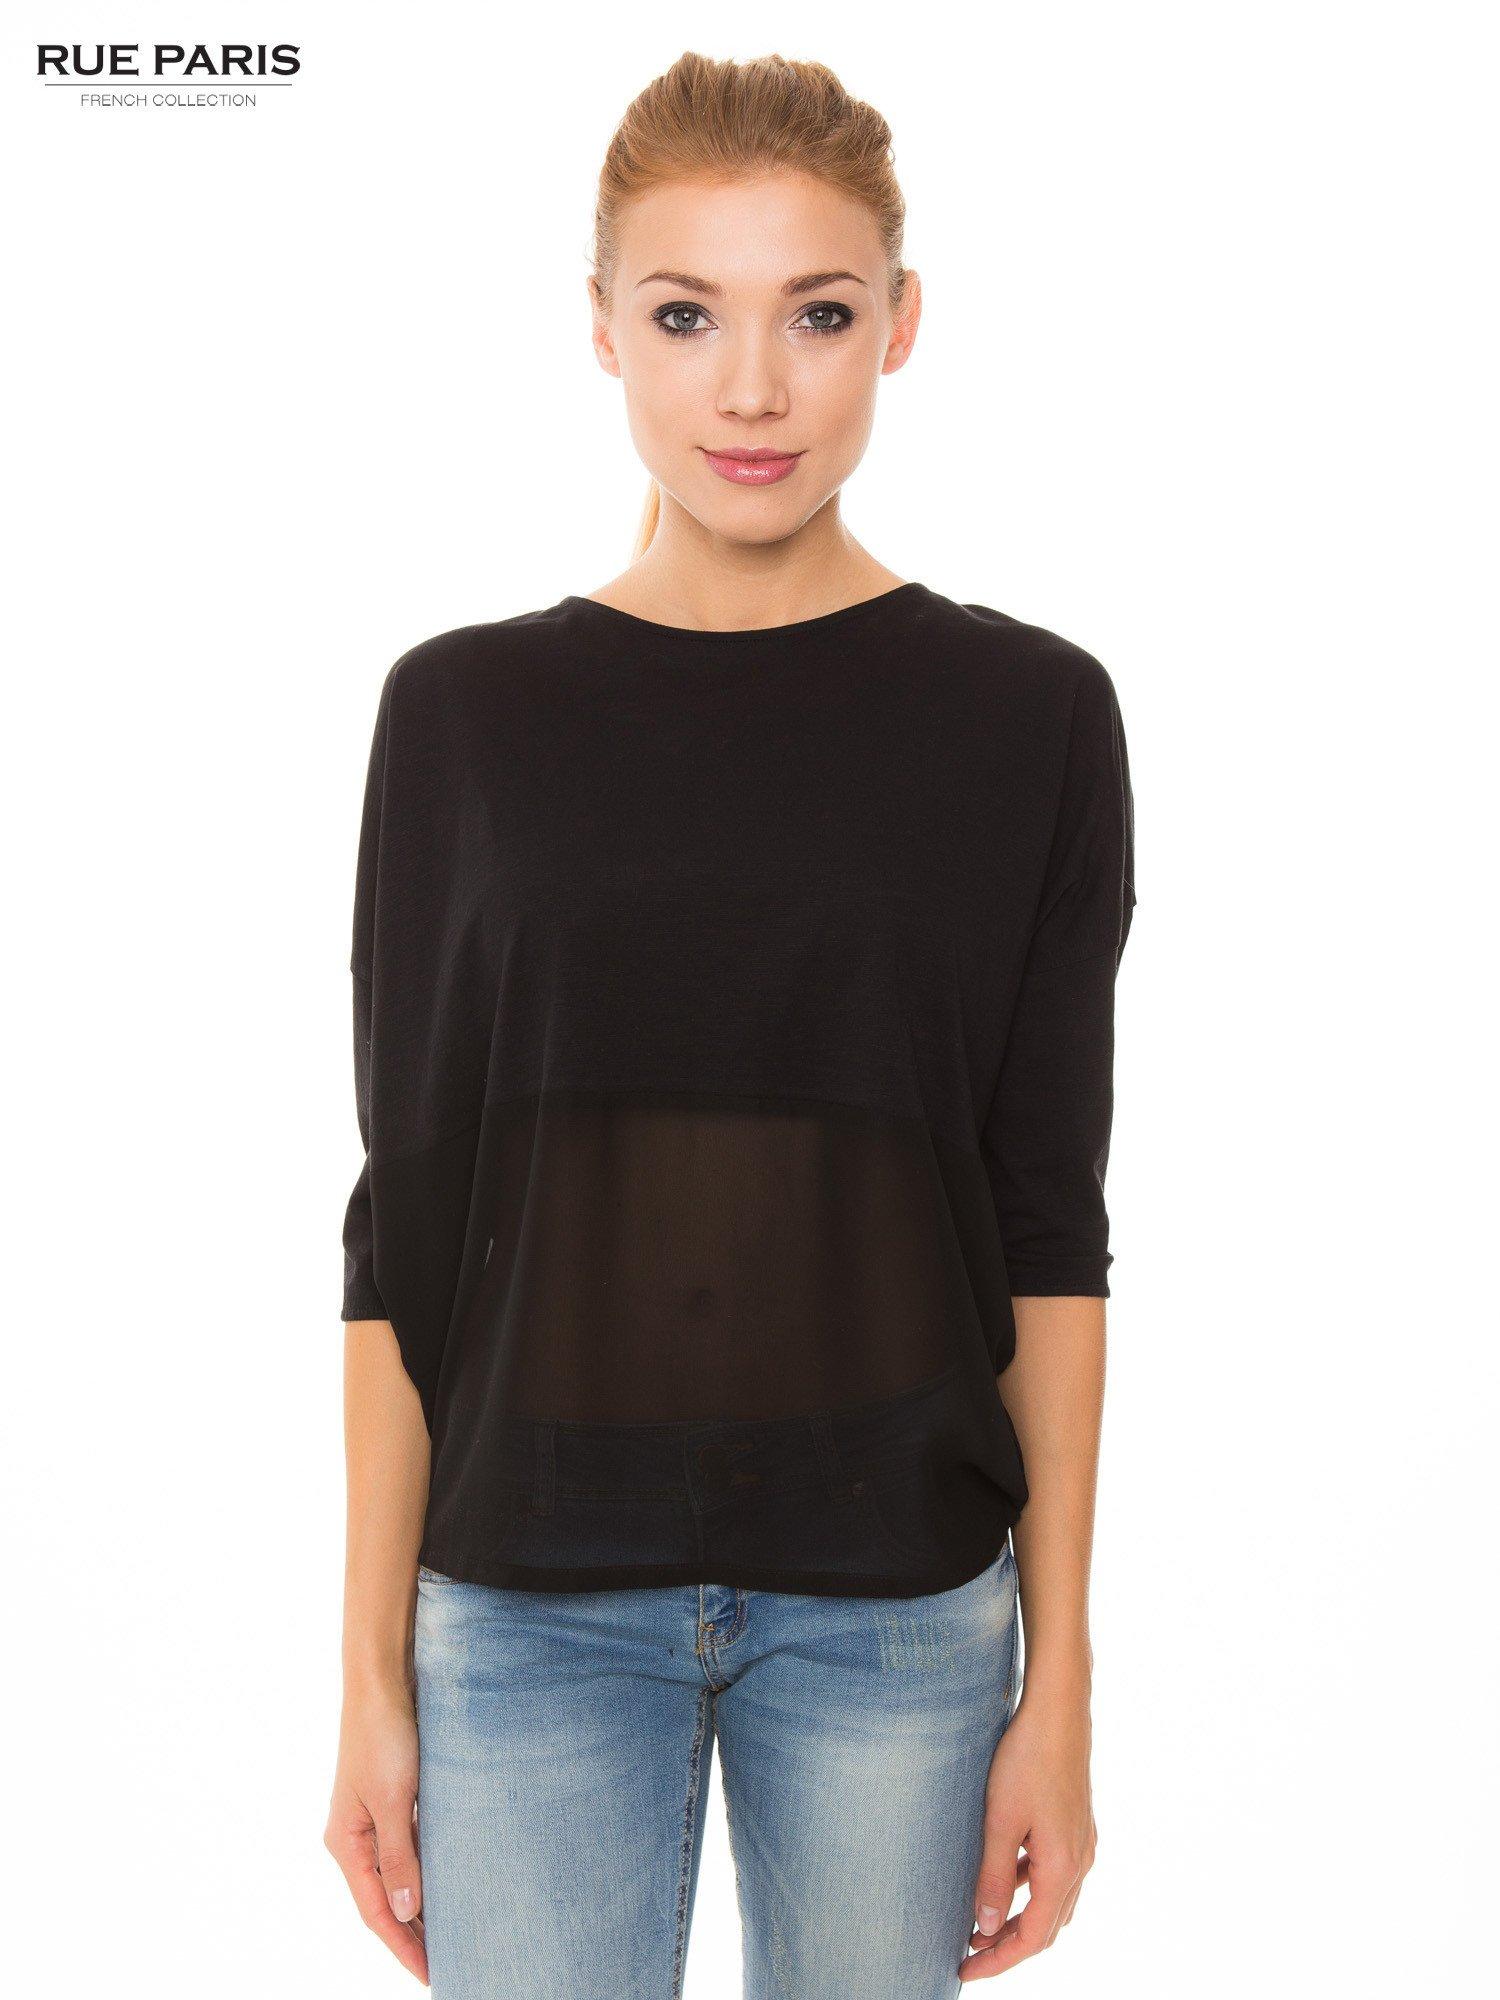 Czarna bluzka oversize z siateczkowym dołem                                  zdj.                                  1